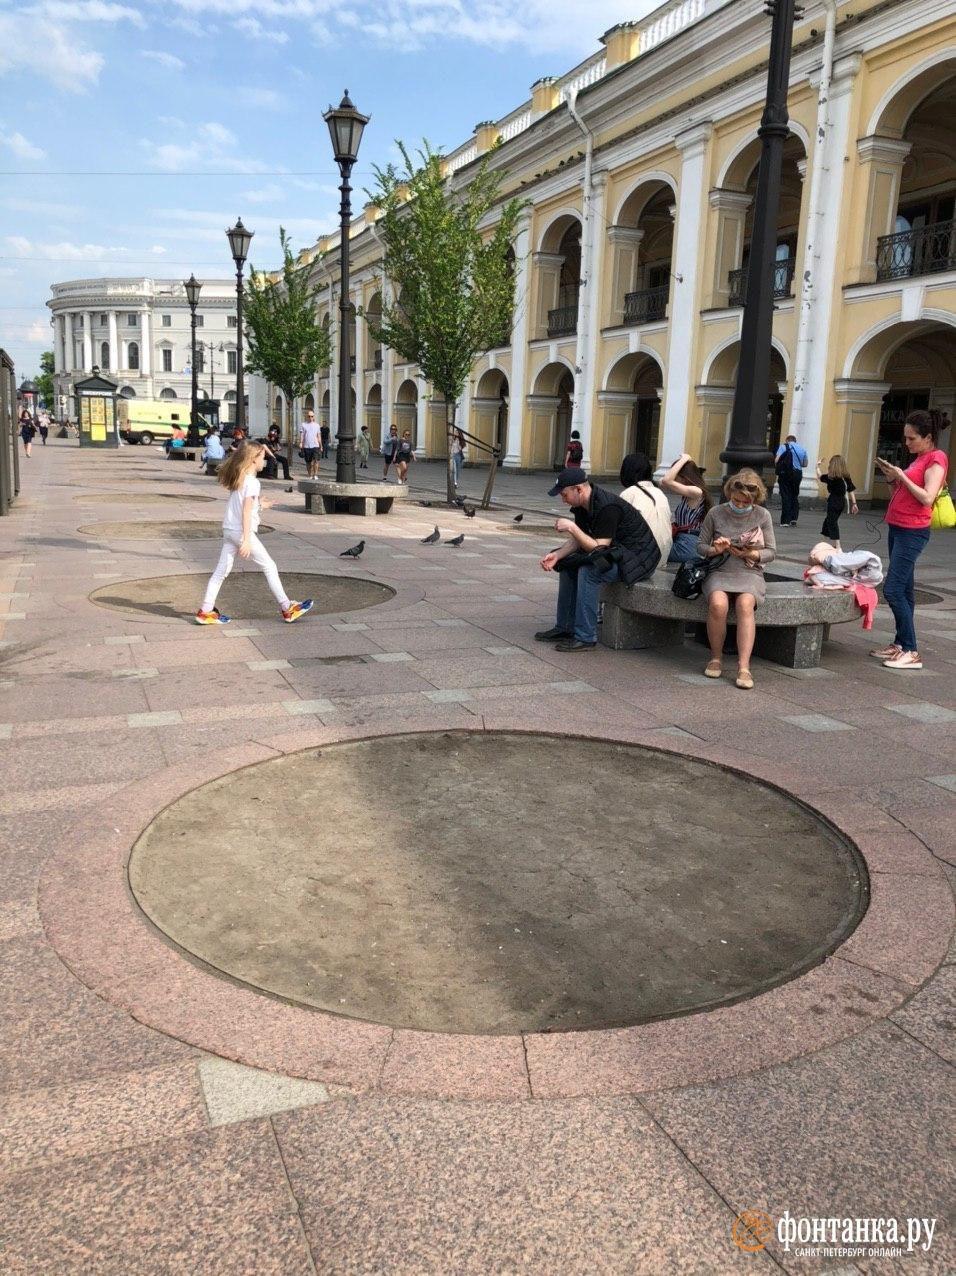 автор фото Венера Галеева / «Фонтанка.ру»